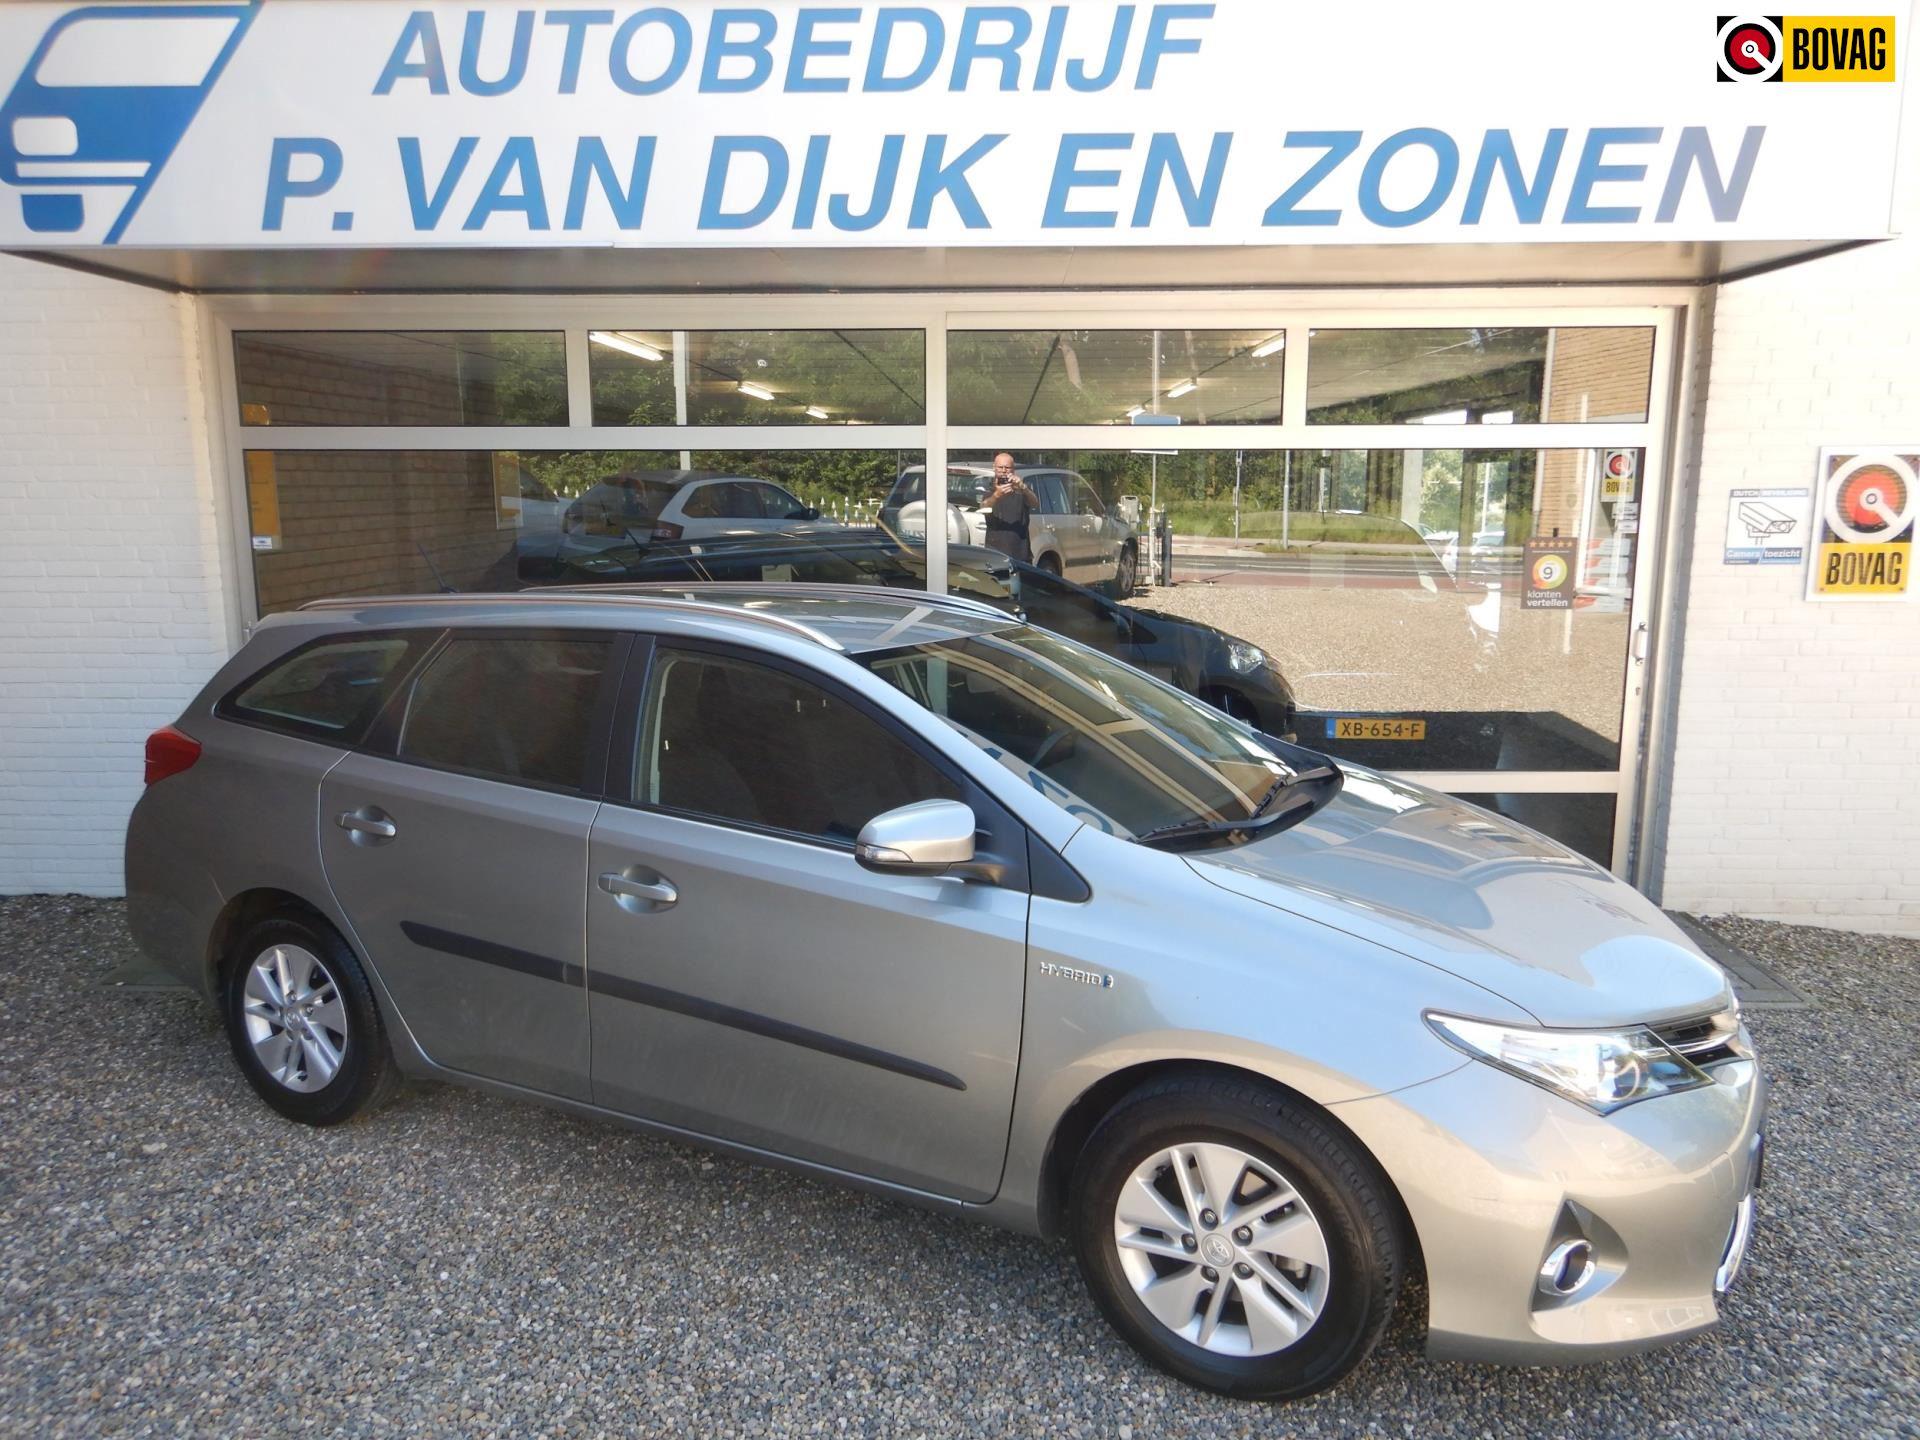 Toyota Auris Touring Sports occasion - Autobedrijf P. van Dijk en Zonen